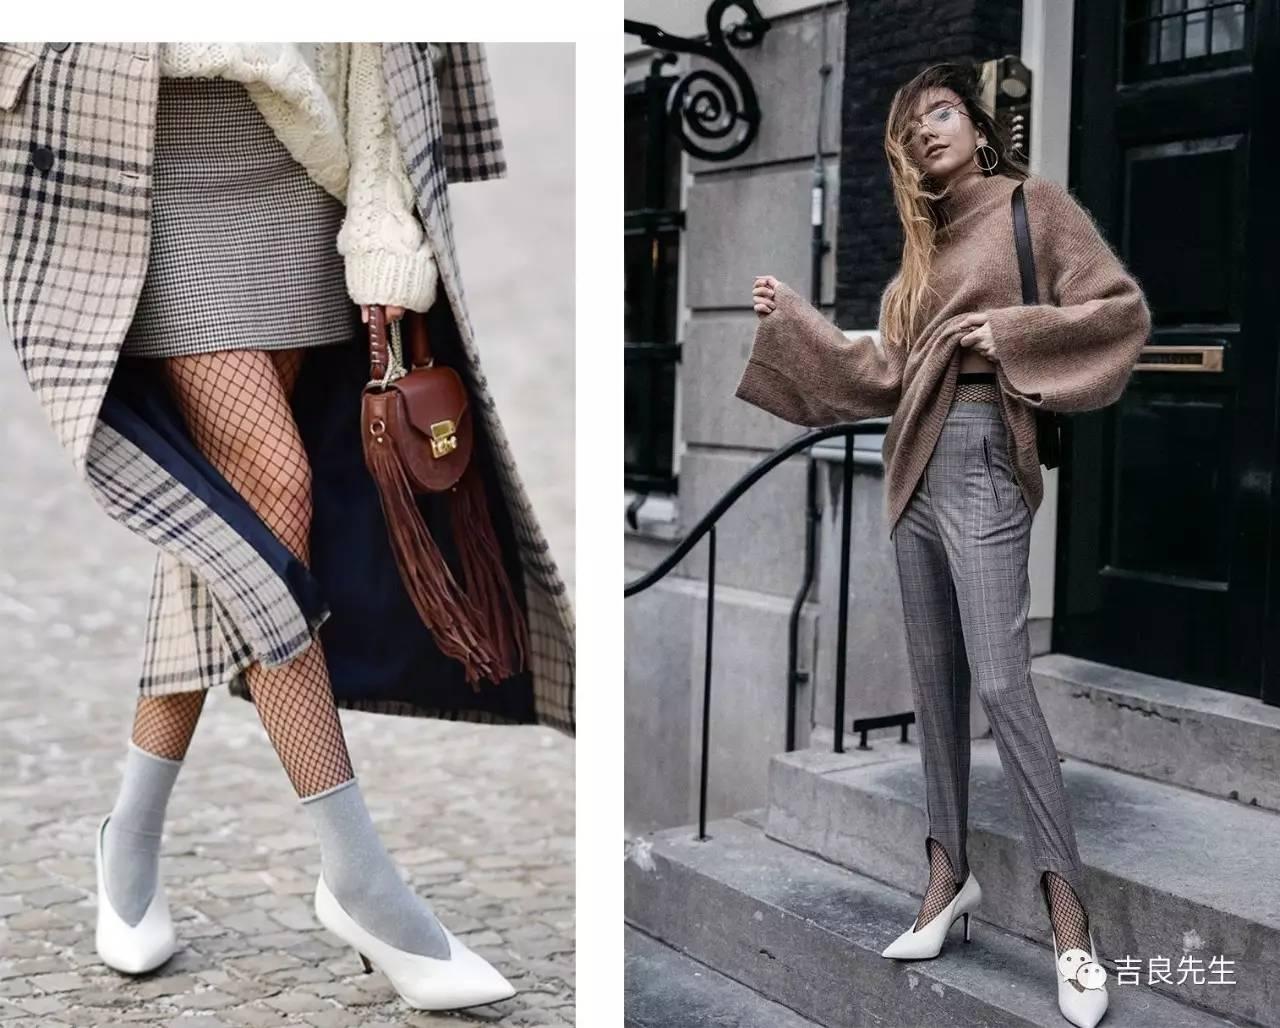 网袜这货到底是怎么红起来的?备受争议icon级时尚单品 风格偶像 图36